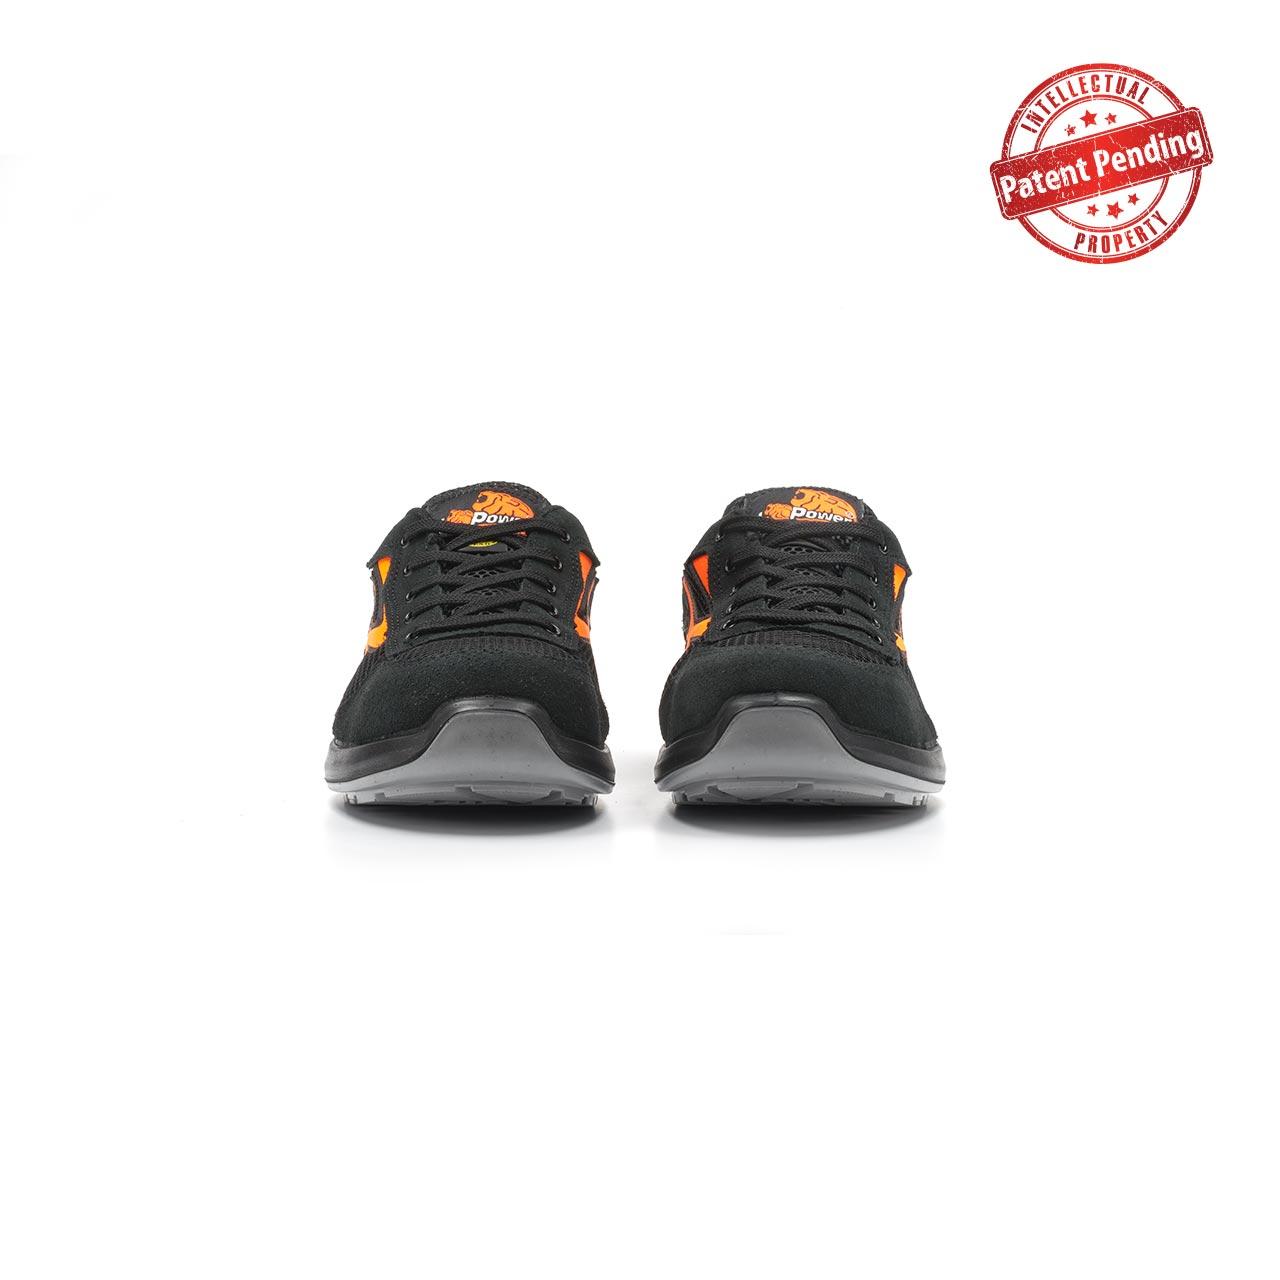 paio di scarpe antinfortunistiche upower modello atos linea redup vista frontale